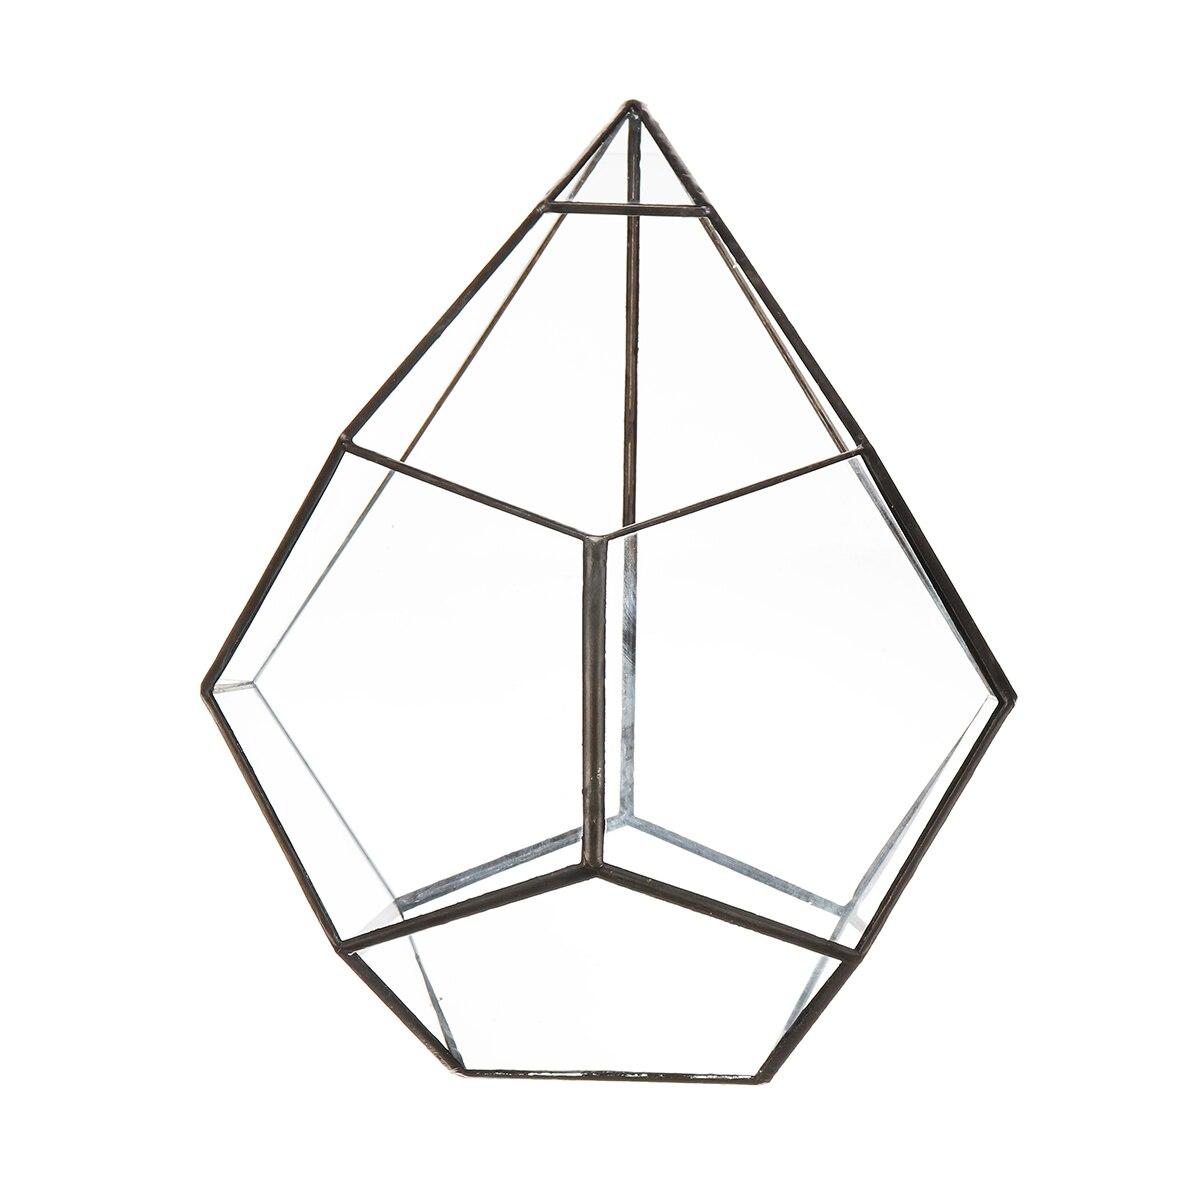 Bonsai Modern Glass Geometric Terrarium Tabletop Succulent Fern Moss Box Case Modern Style Diamond Transparent Glass Flower Pot